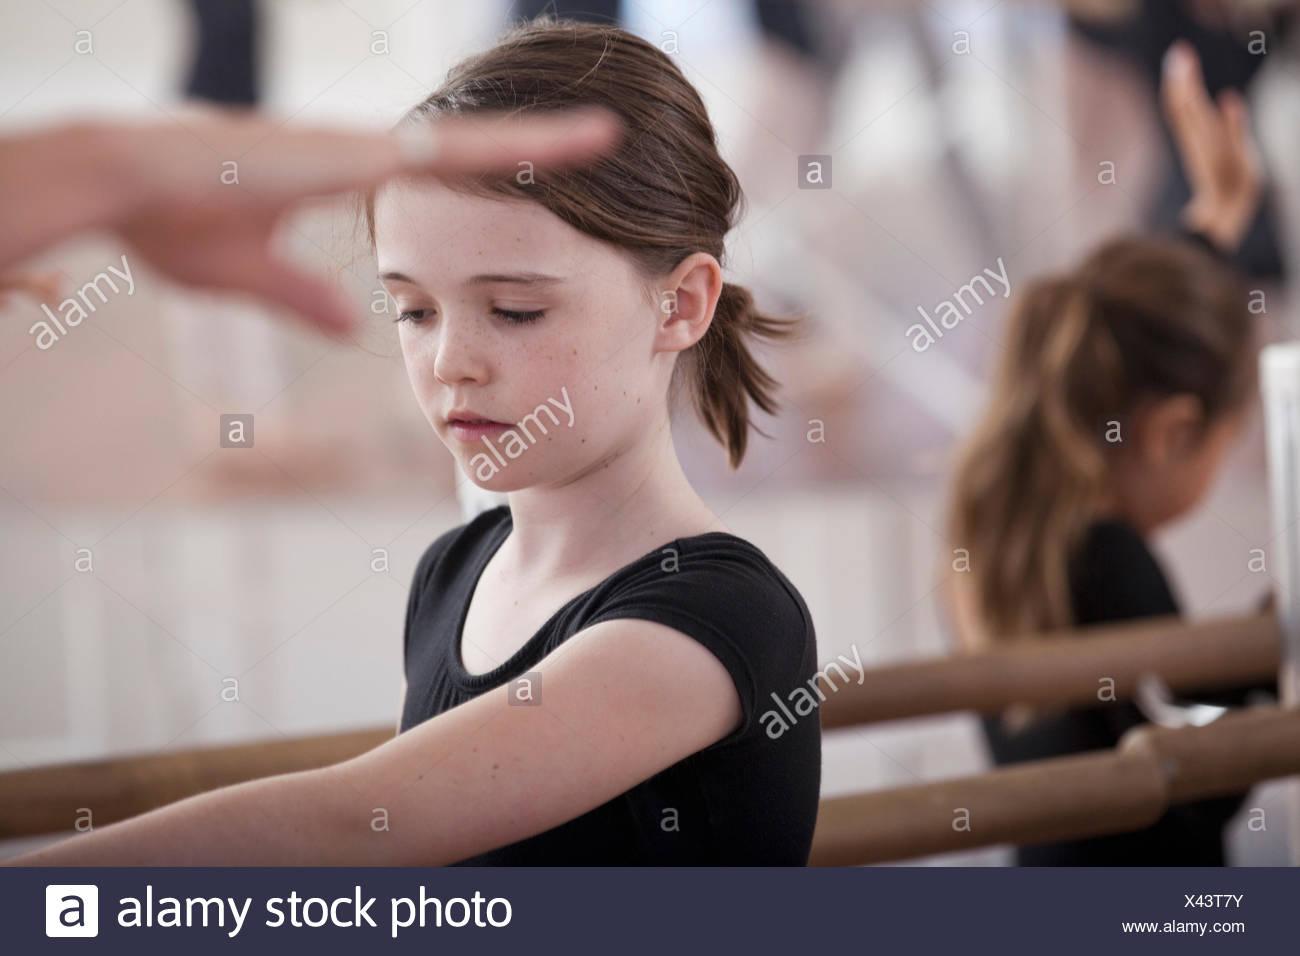 Escuela de Ballet de niñas practicar ballet en la posición barre Imagen De Stock